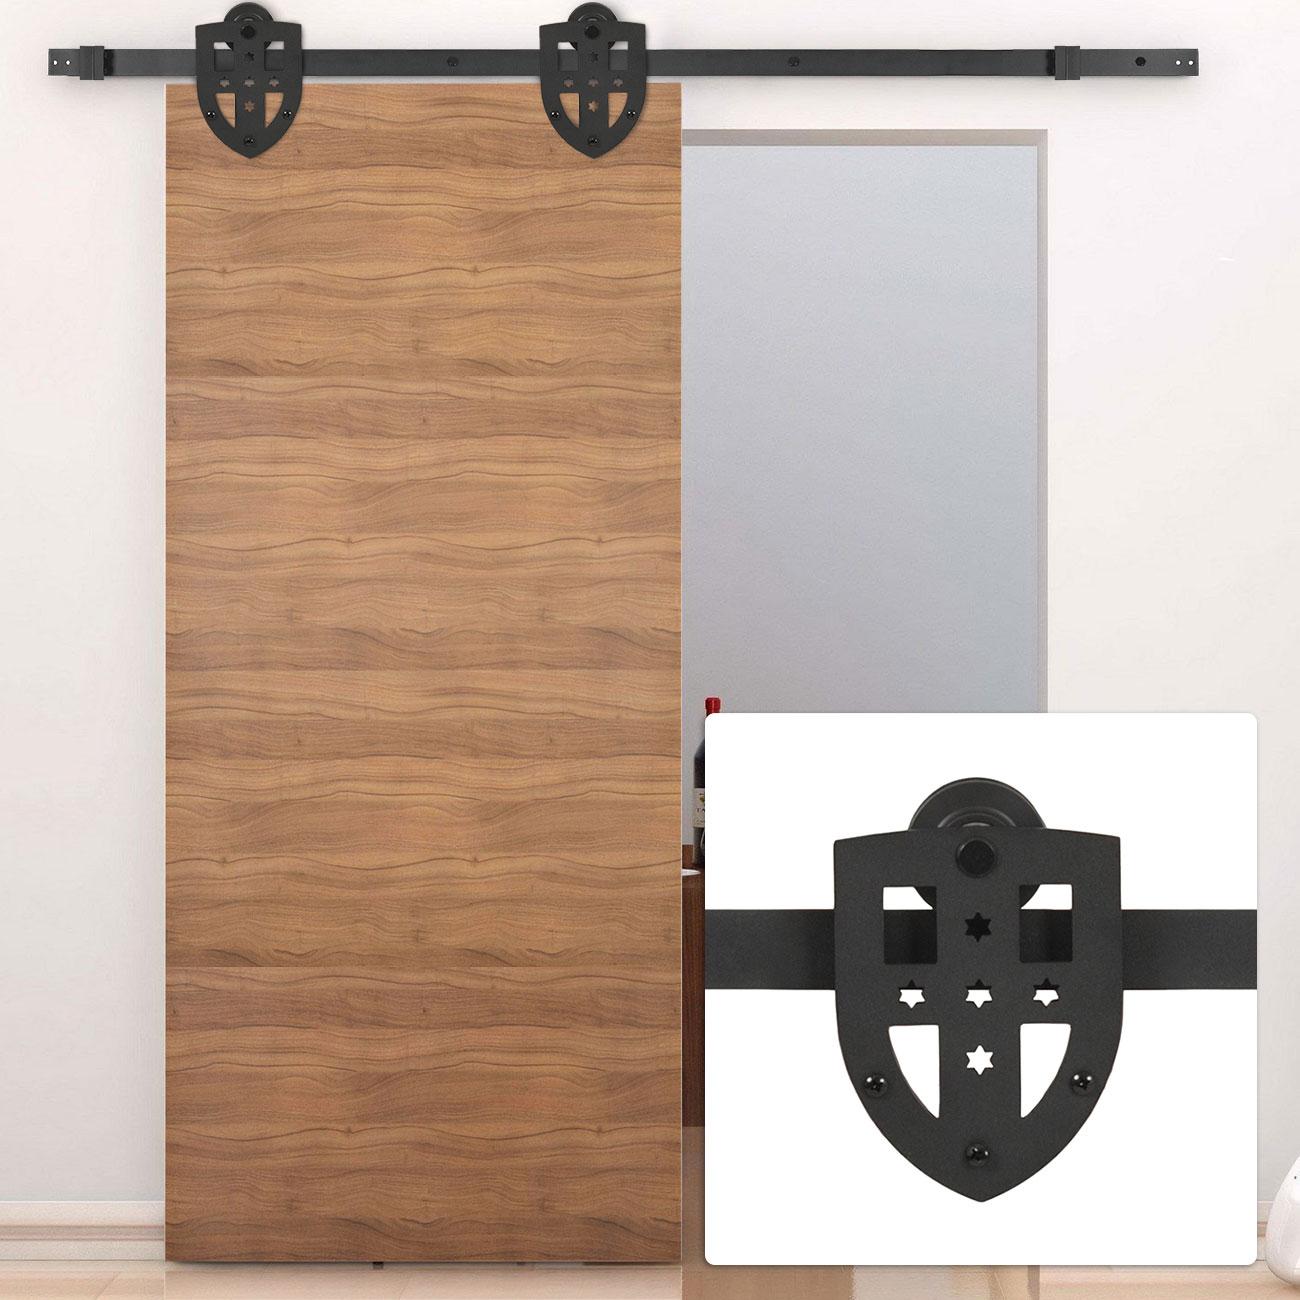 New 6ft Sliding Slide Barn Door Hardware Only Kit Interior Modern Cross Style Ebay